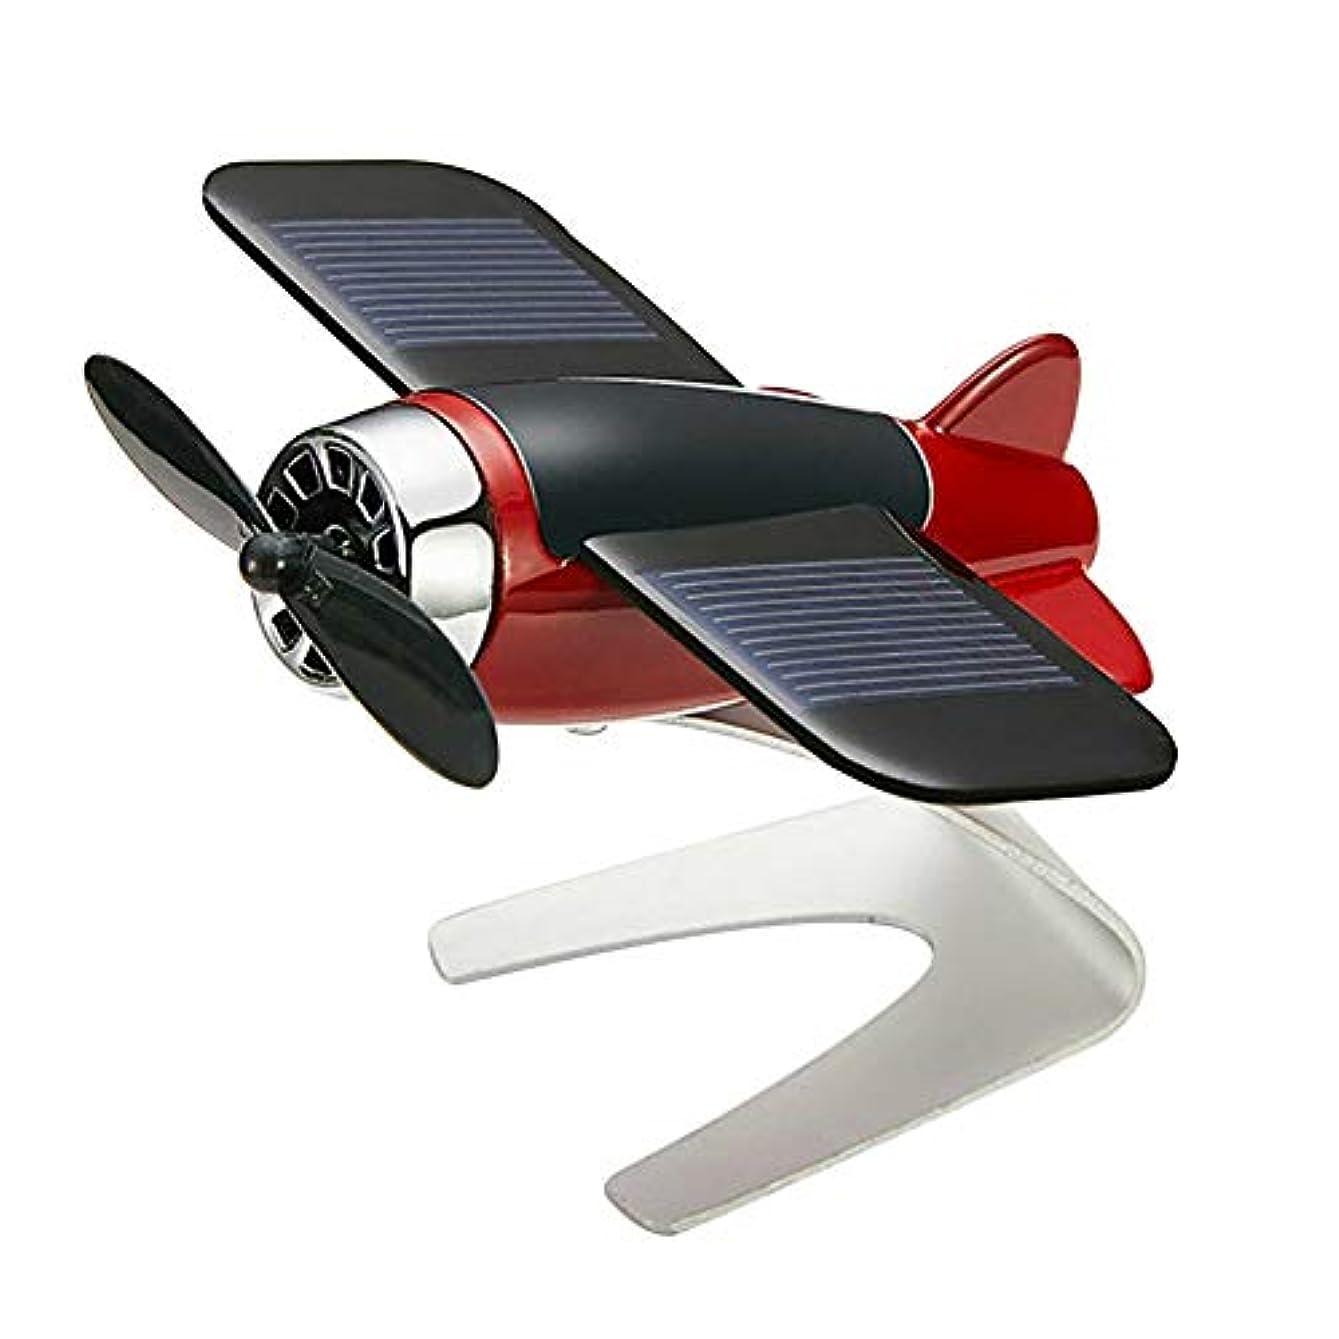 相互レパートリー花輪Symboat 車の芳香剤飛行機航空機モデル太陽エネルギーアロマテラピー室内装飾